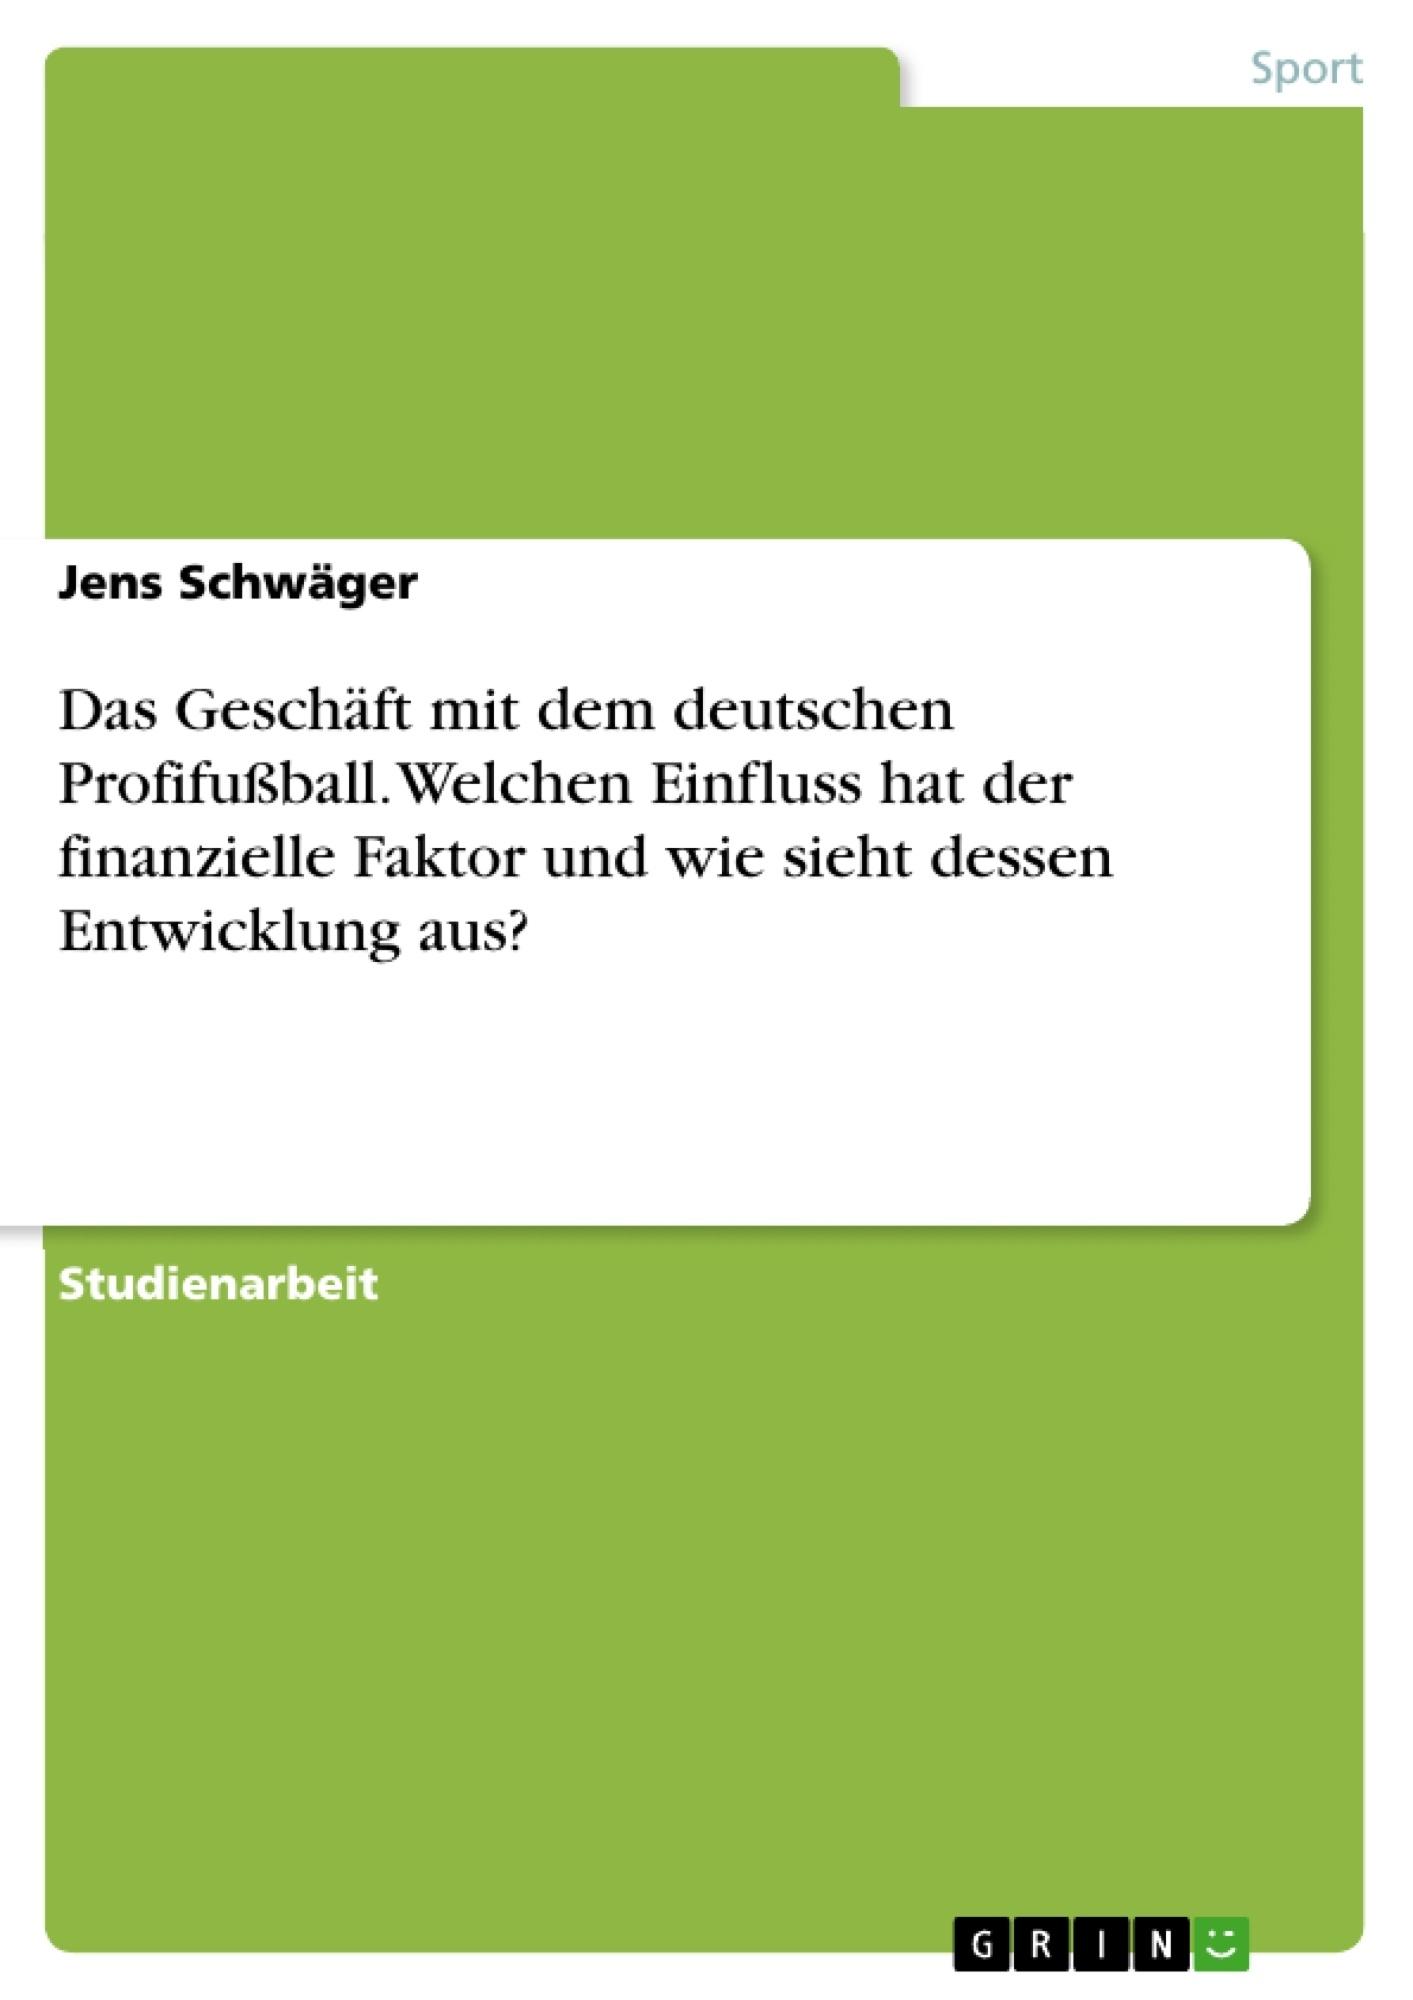 Titel: Das Geschäft mit dem deutschen Profifußball. Welchen Einfluss hat der finanzielle Faktor und wie sieht dessen Entwicklung aus?